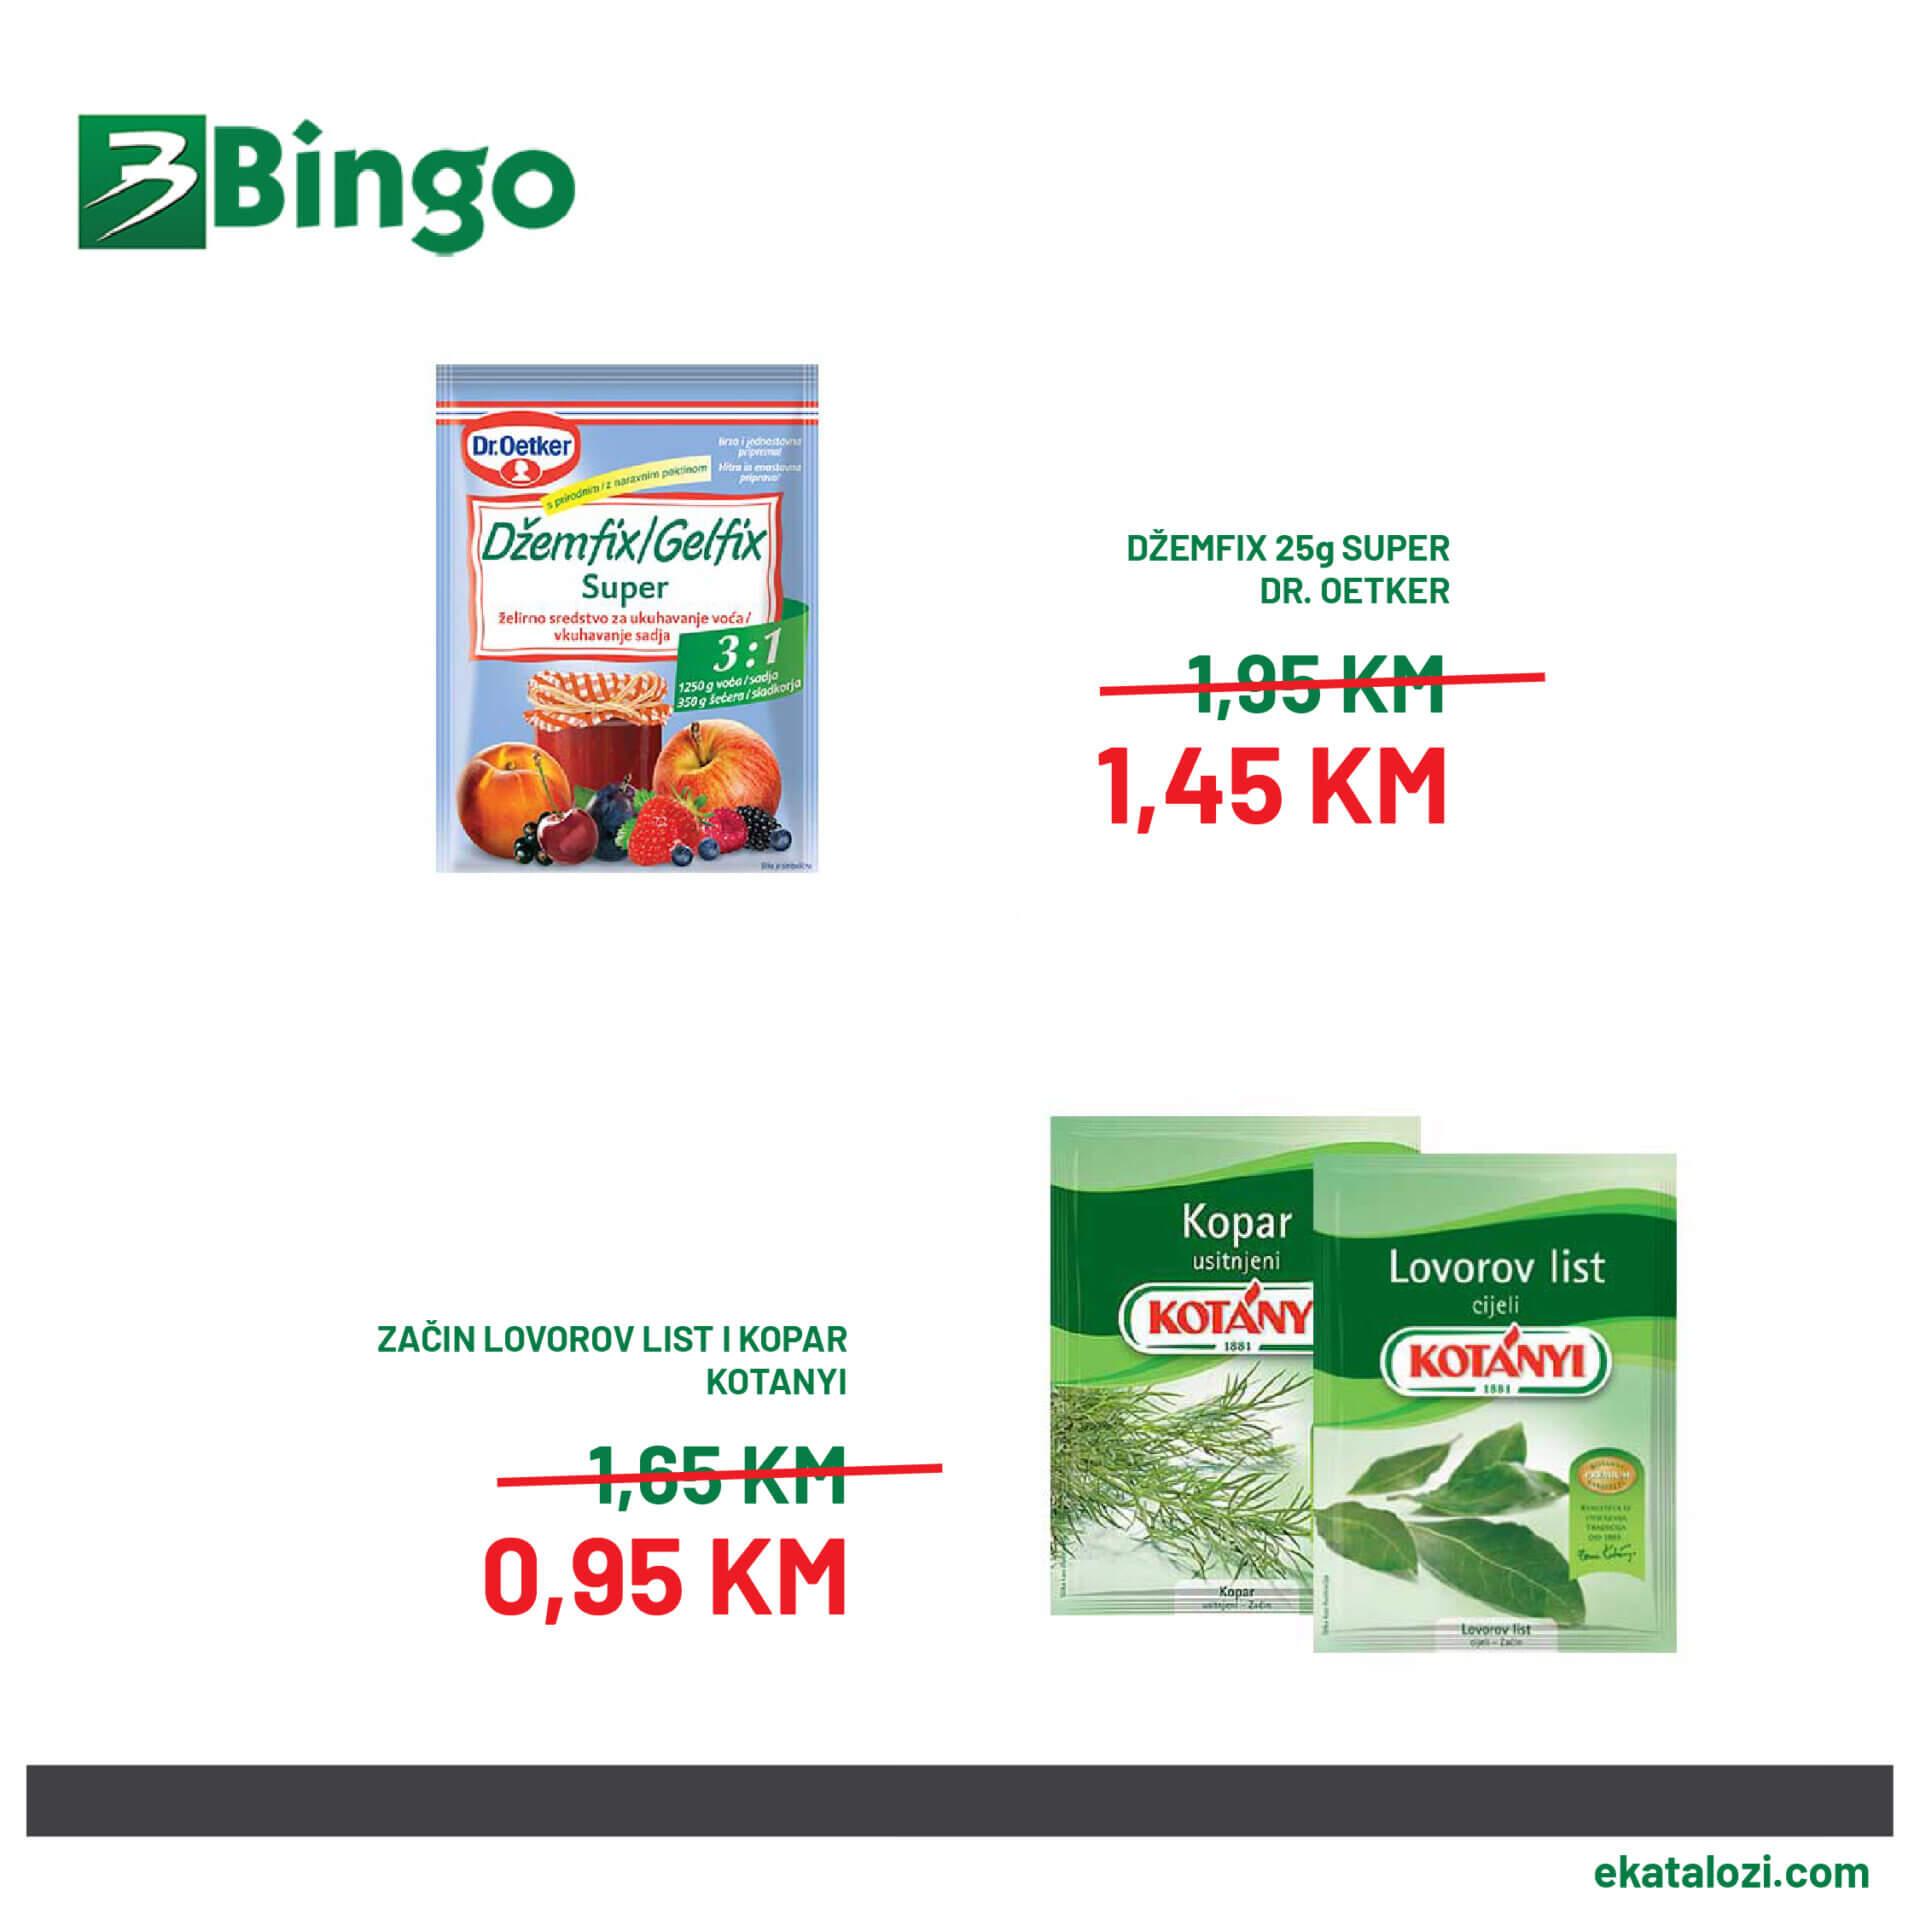 BINGO Super akcija AVGUST 2021 28.8.2021. 30.8.2021 3